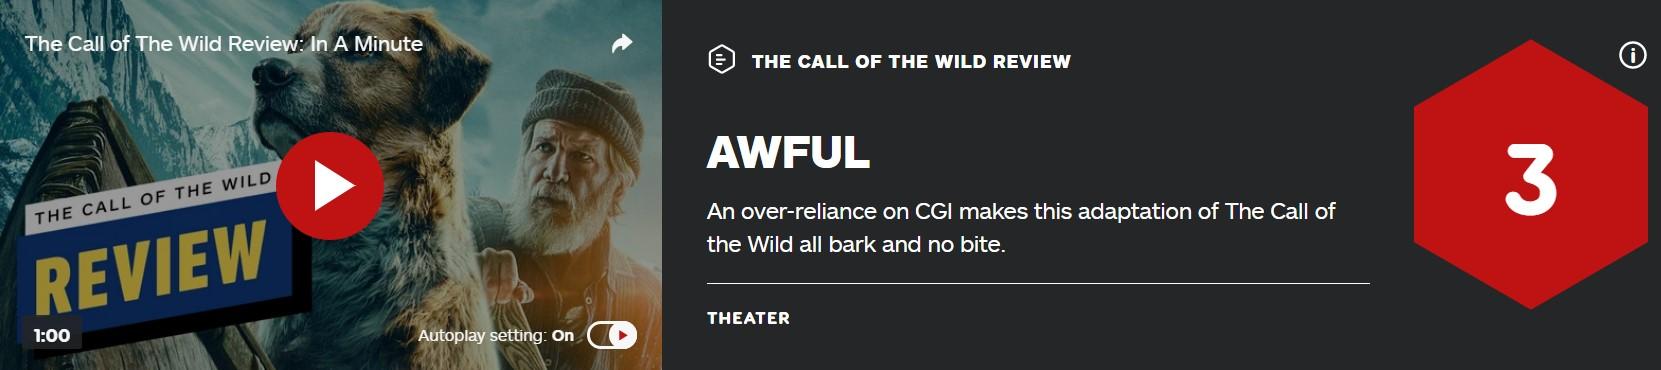 新版《野性的呼唤》IGN仅3分 烂番茄72% M站54分